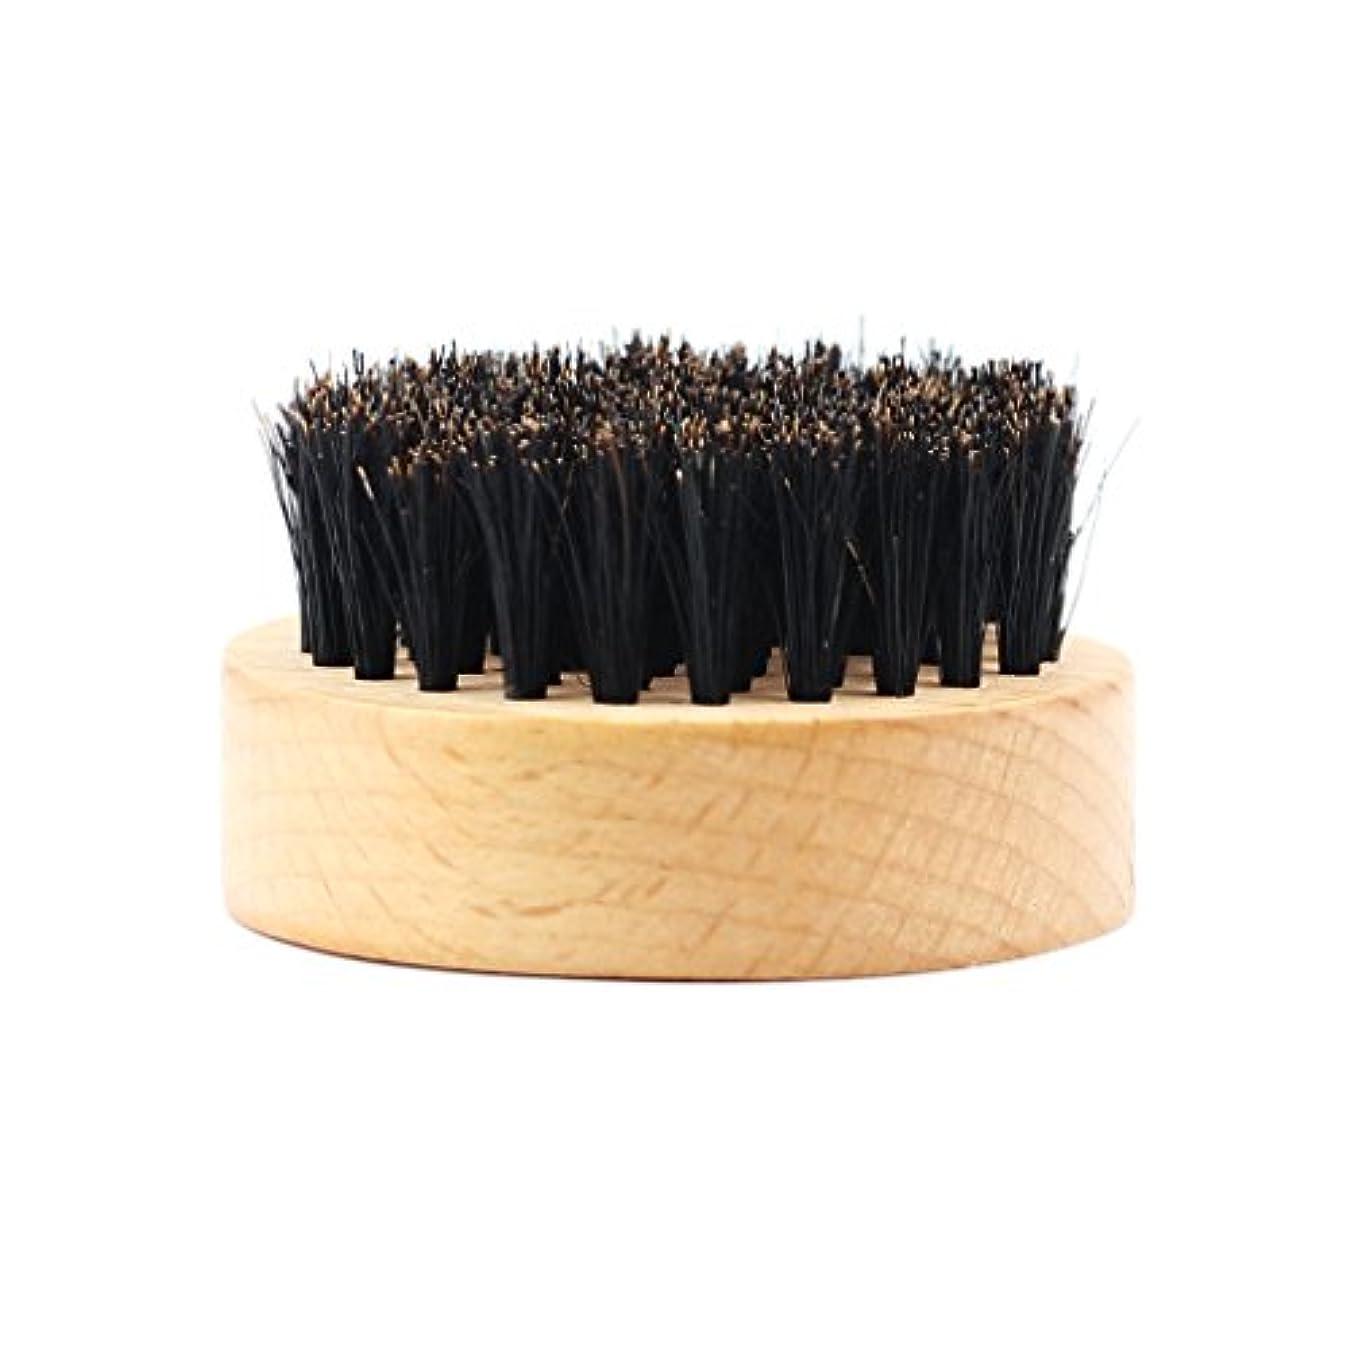 妻鉱夫距離髭ブラシ 男性 ひげ剃り 天然木ハンドル ひげそり グルーミング 2タイプ選べる - #2